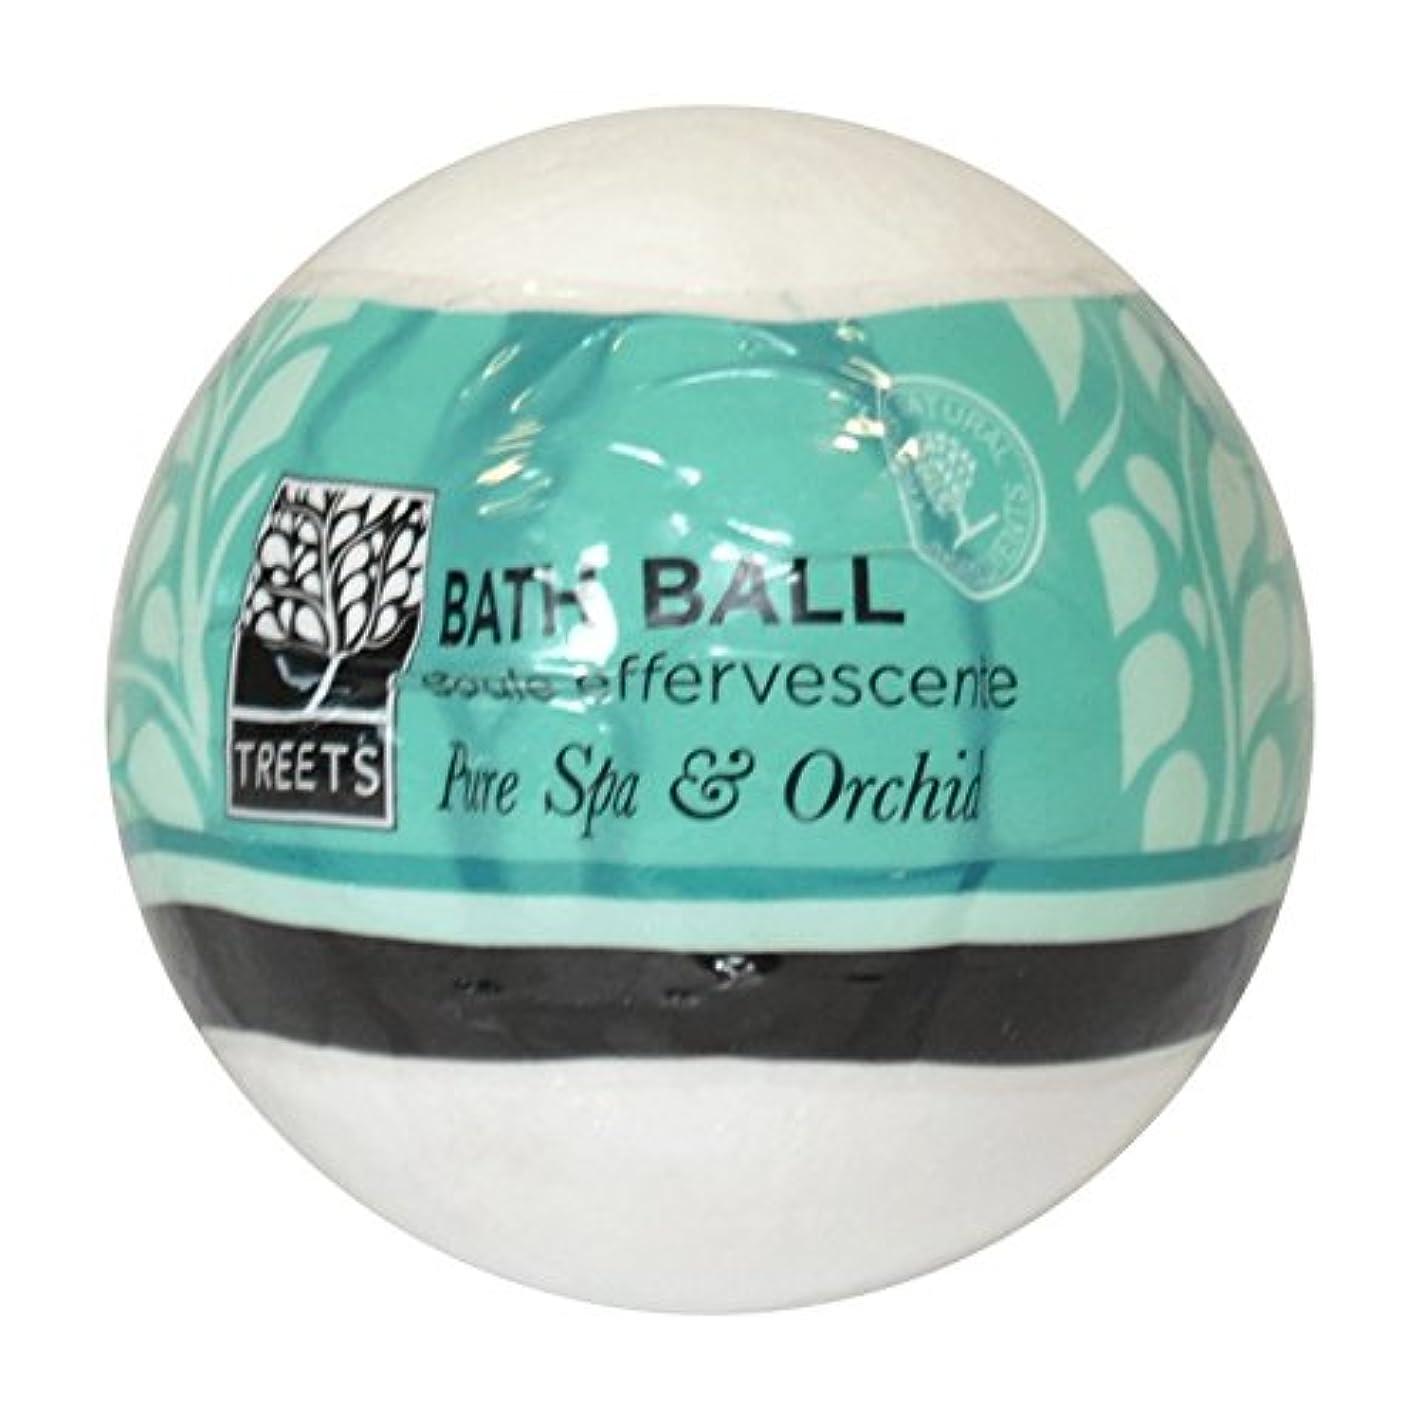 東ティモール緊急以前はTreets Orchid & Pure Spa Bath Ball (Pack of 2) - Treets蘭&純粋なスパバスボール (x2) [並行輸入品]